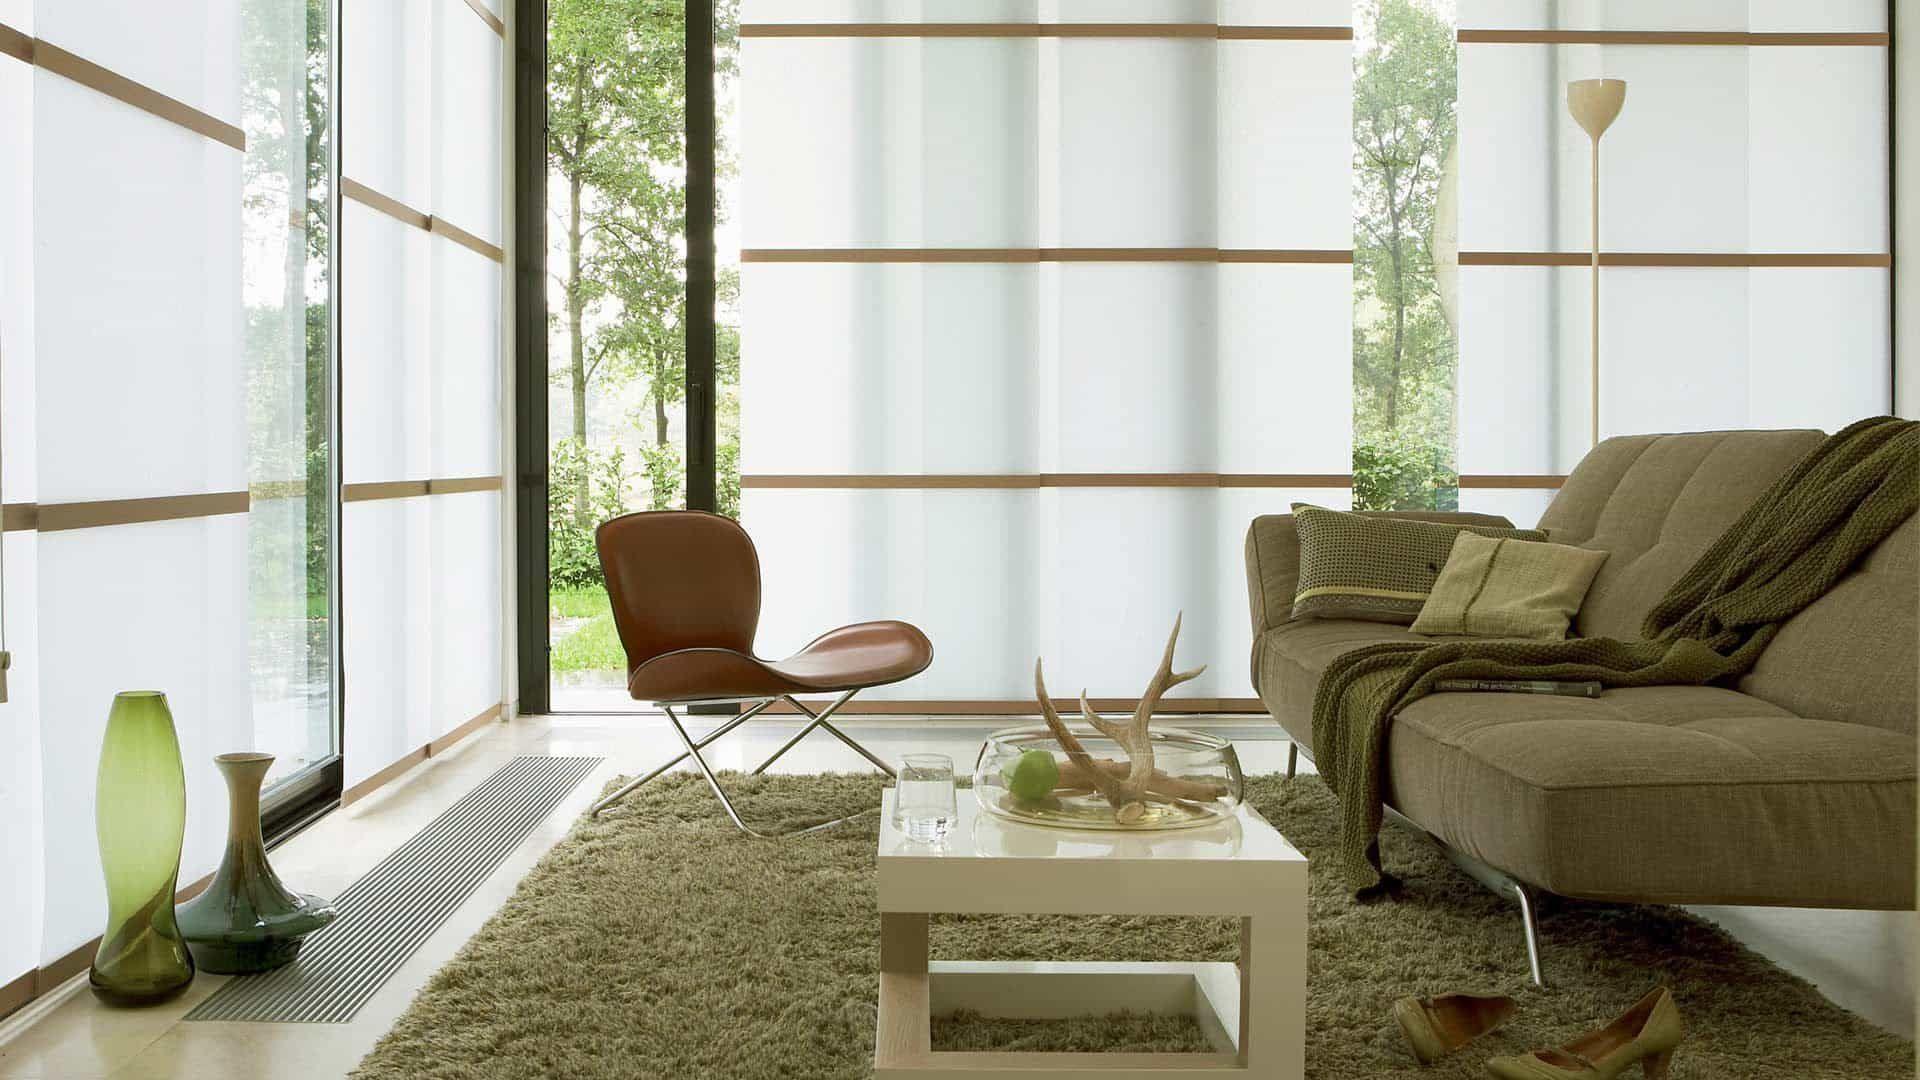 Minimalistische Japanische Wohnzimmer Interieur Stil Kuchenschrank